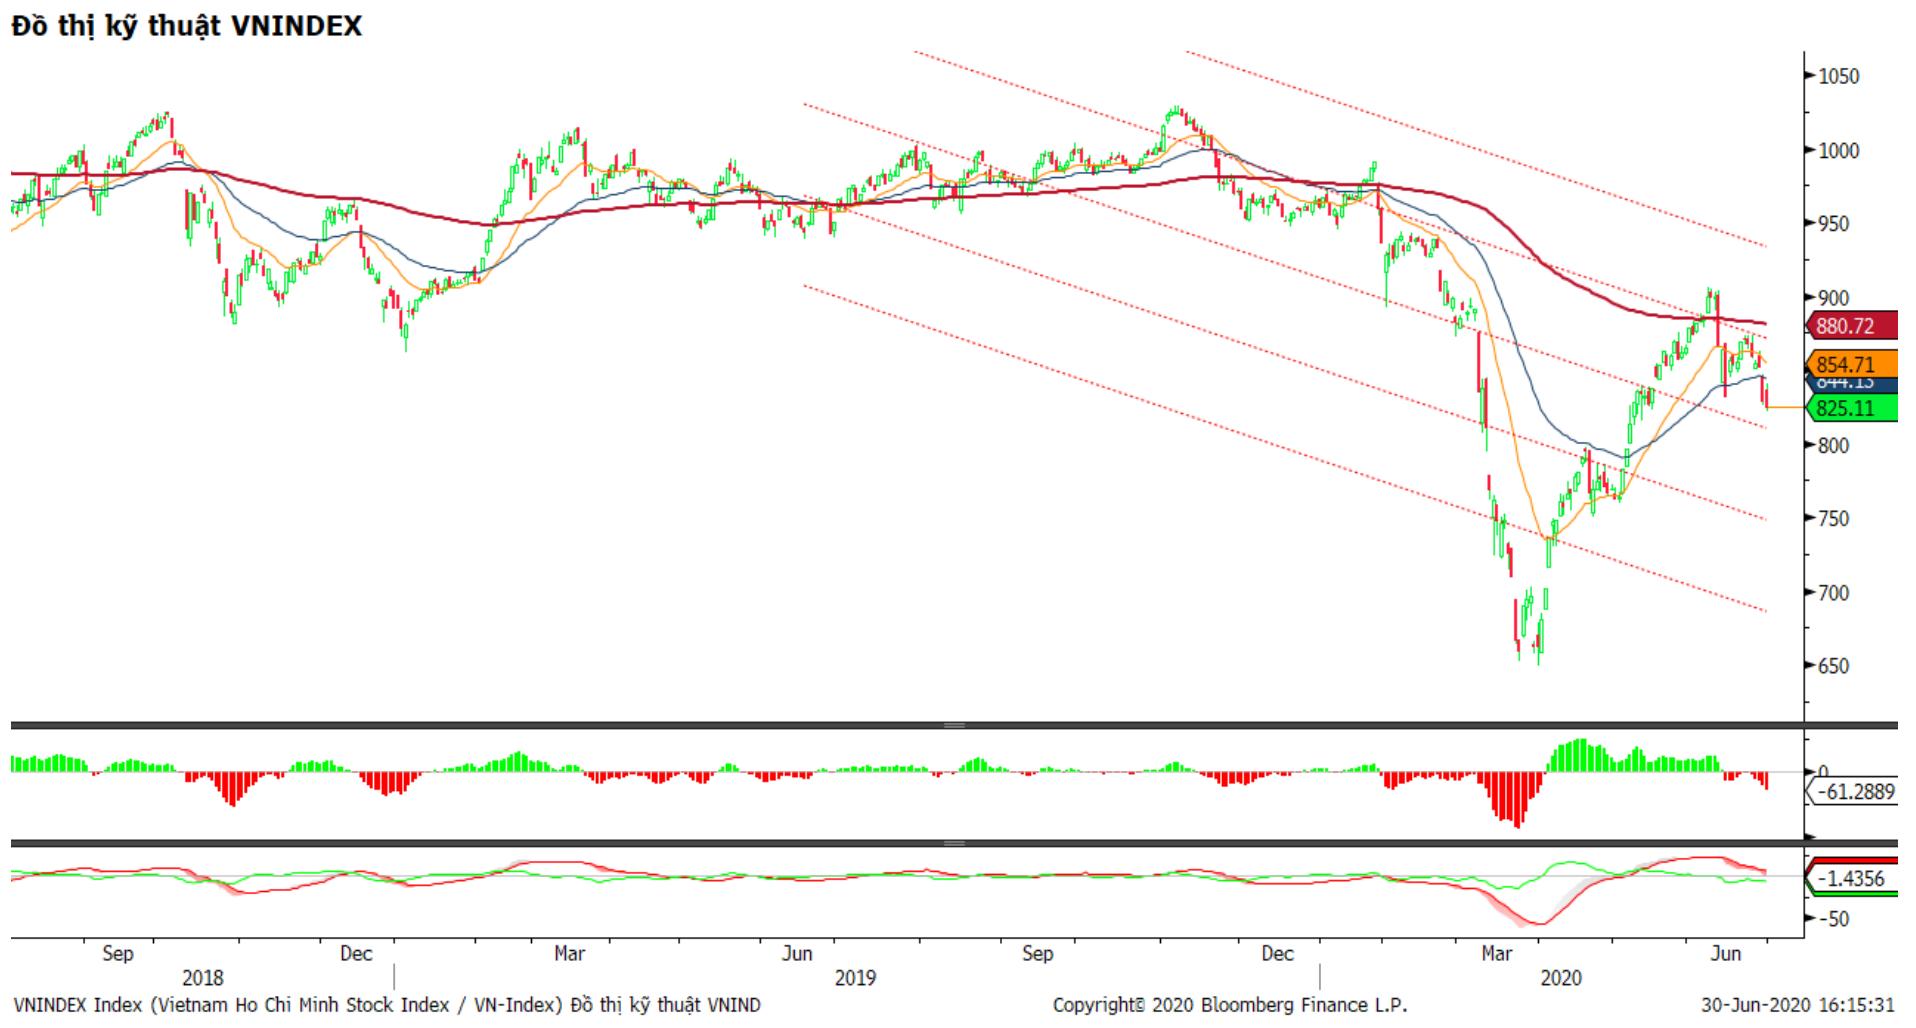 Nhận định thị trường chứng khoán ngày 1/7: Xu hướng suy yếu tiếp tục chủ đạo - Ảnh 1.